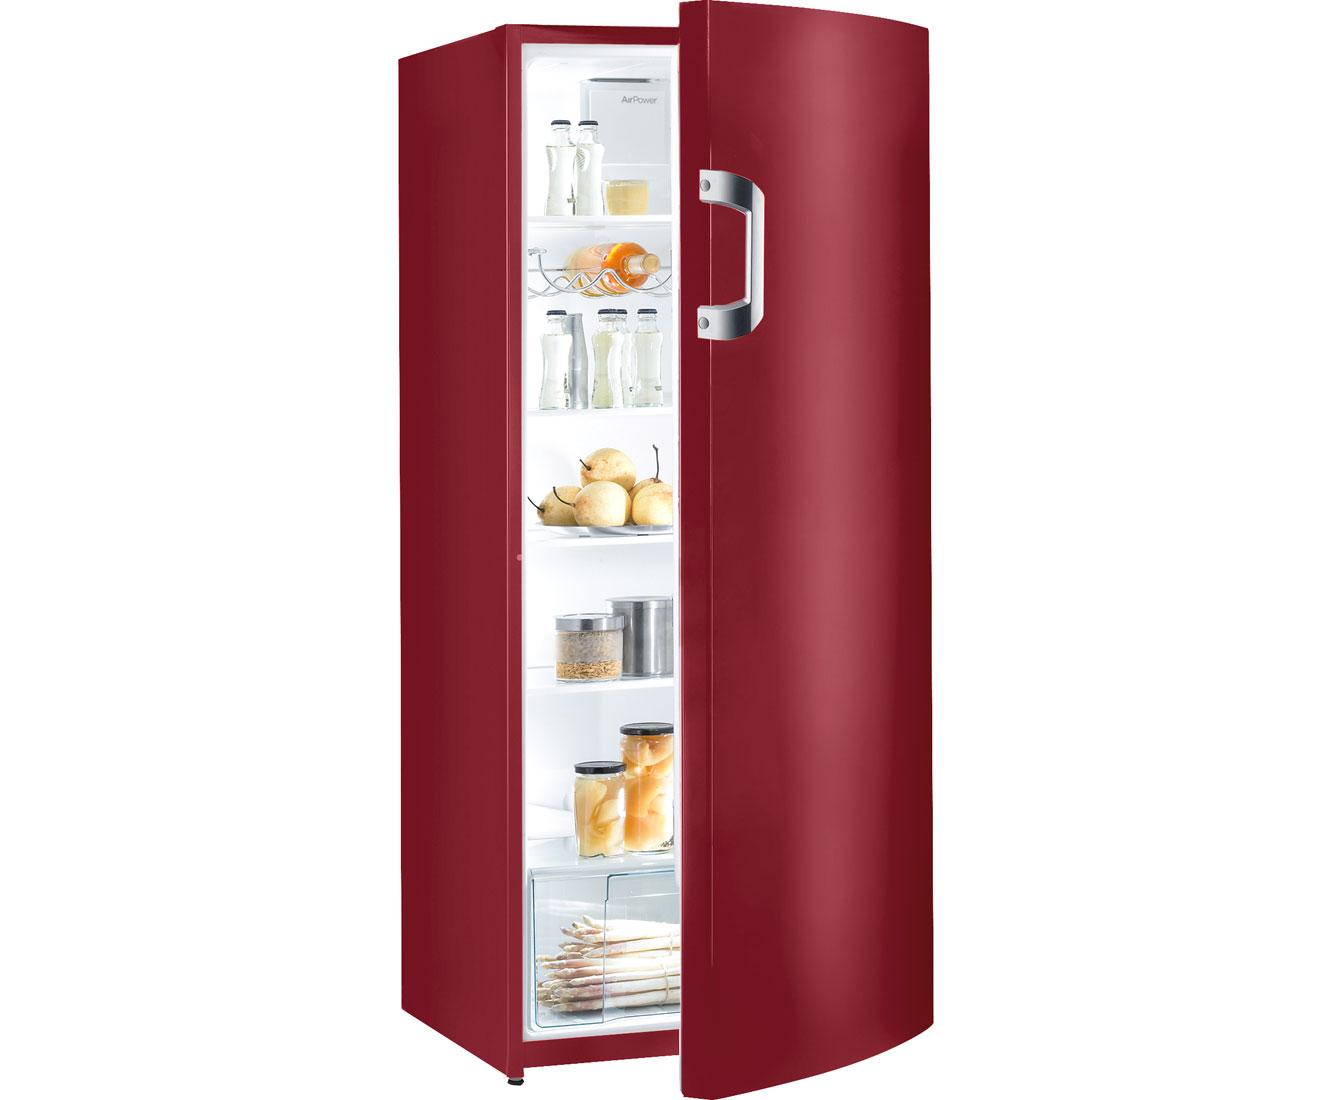 Gorenje Kühlschrank Retro Vw : Design kühlschränke von gorenje